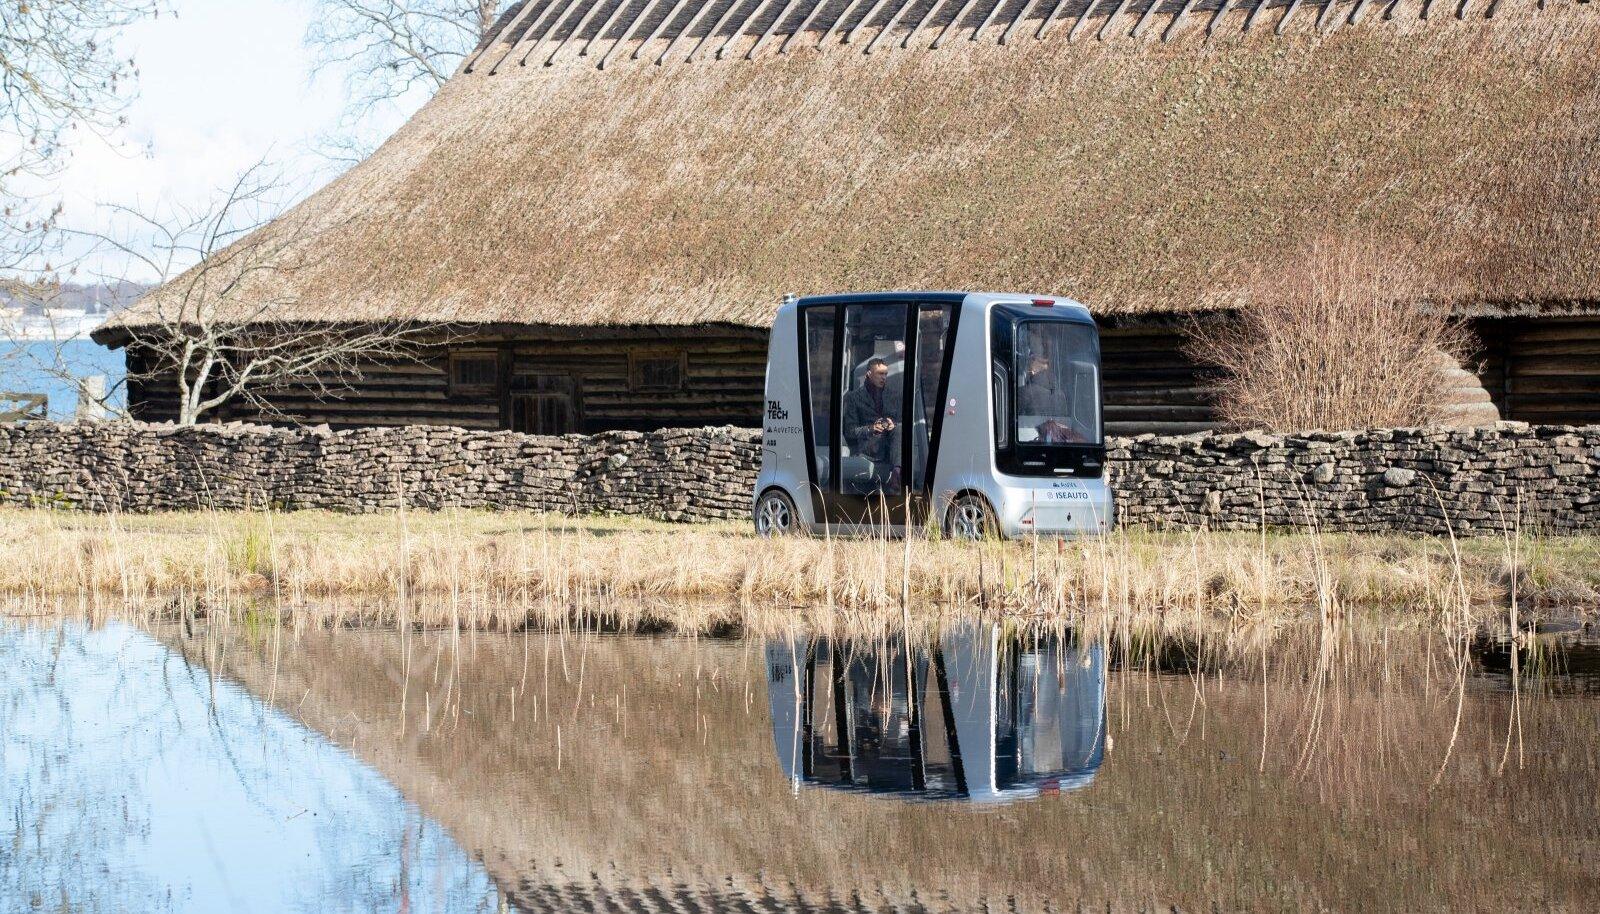 Iseauto üks testimiskohtasid hetkel on ka Vabaõhumuuseum, kus ka meie sõidukiga proovisõitu tegemas käisime.